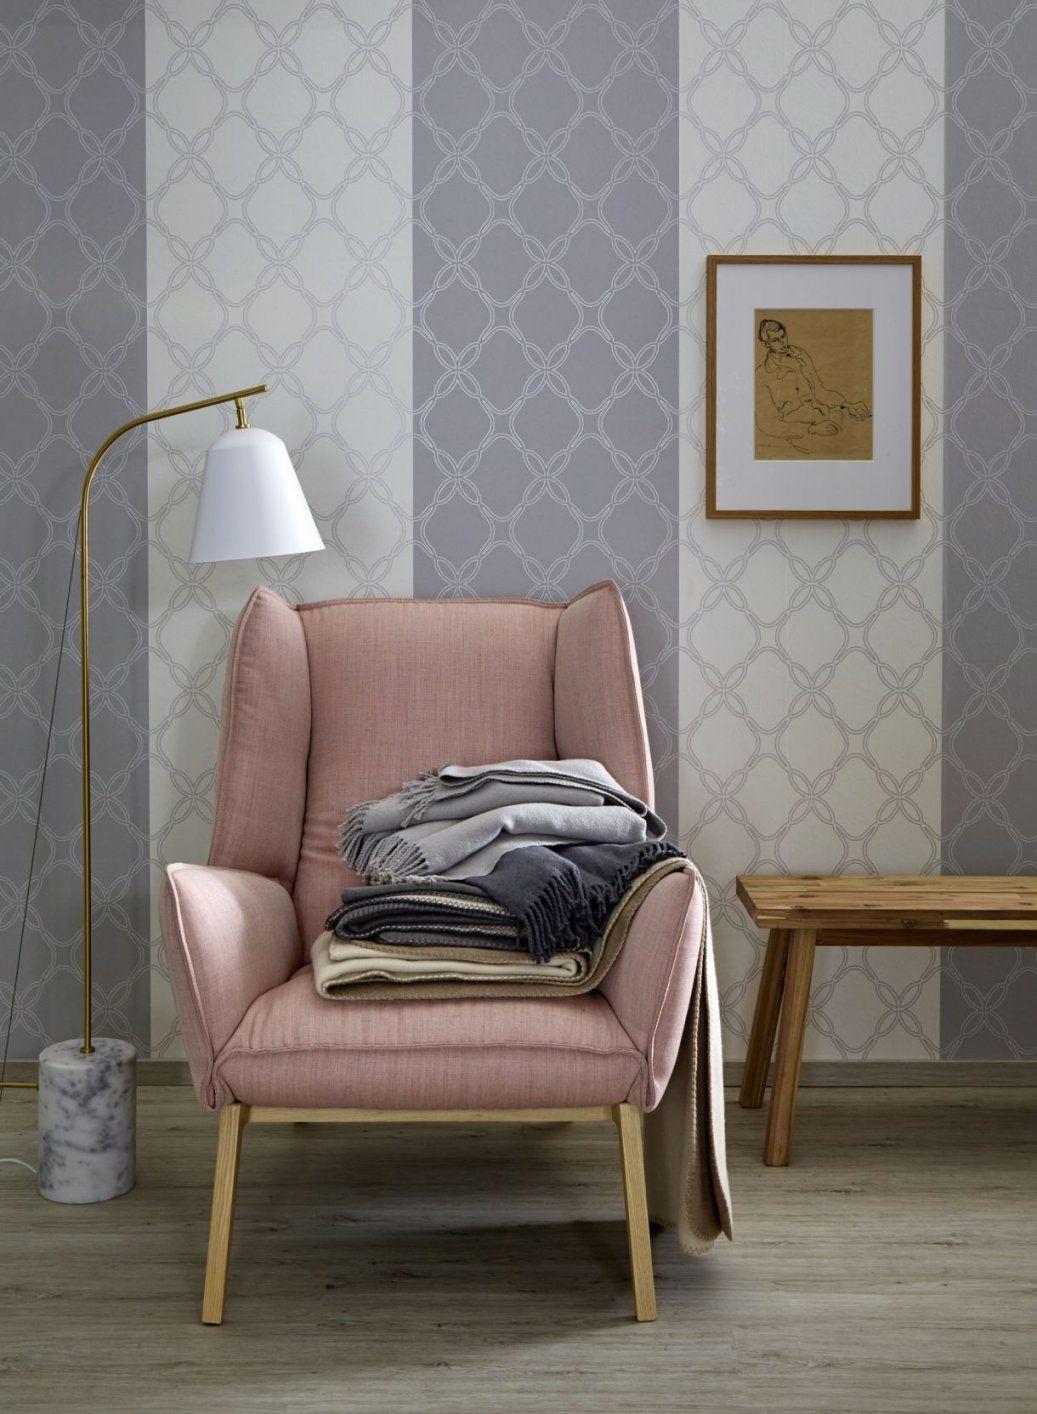 Zeit Für Einen Tapetenwechsel  Schöner Wohnenkollektion  Rosa von Tapeten Schöner Wohnen Kollektion Bild